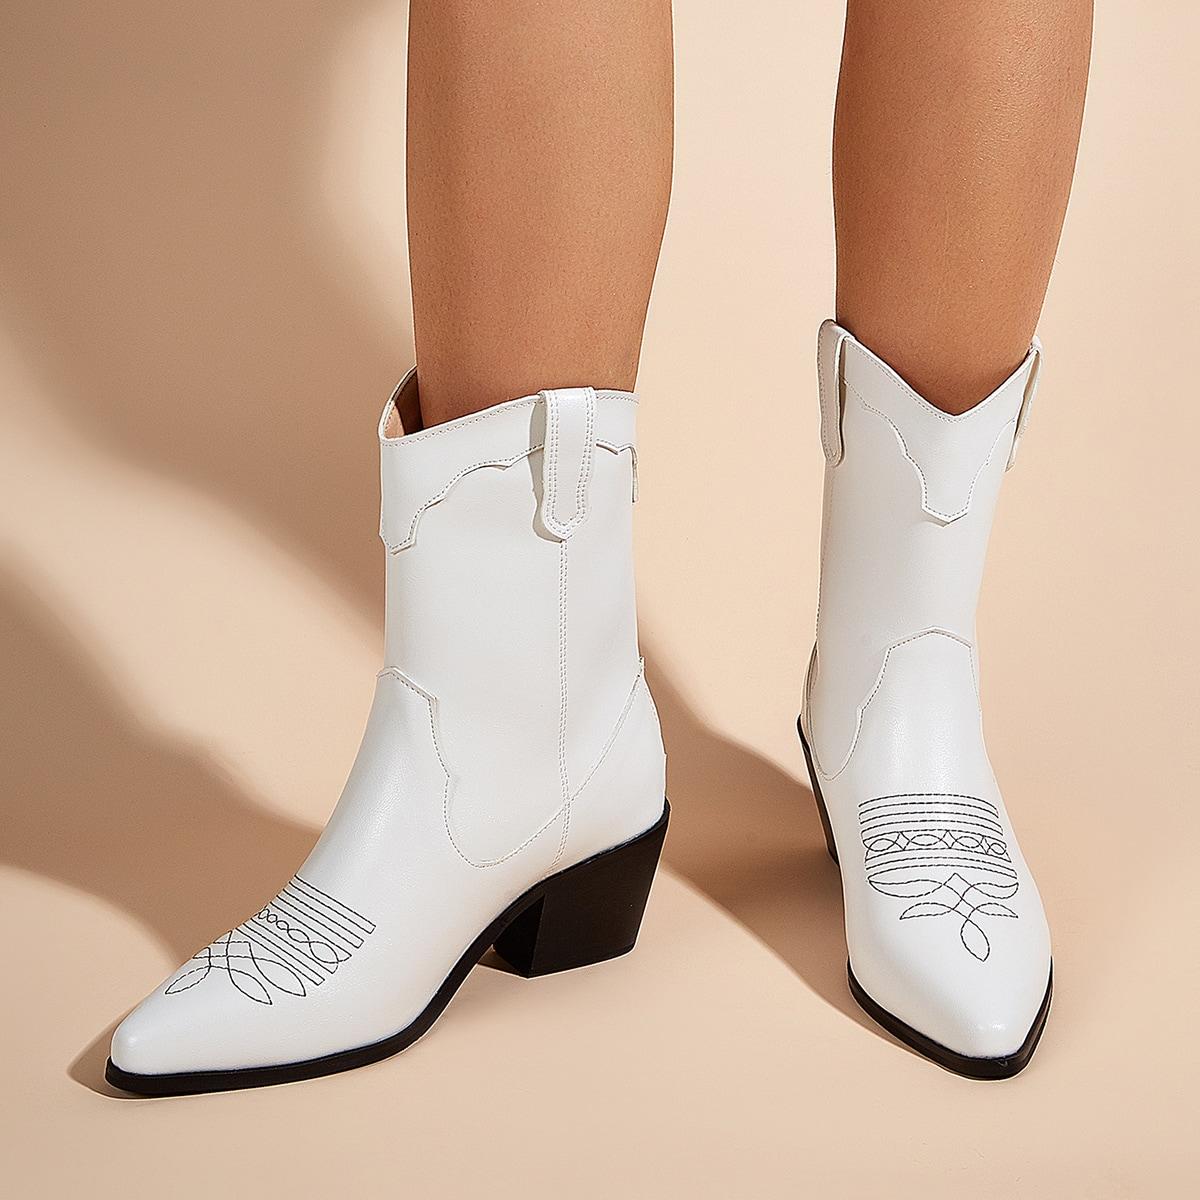 SHEIN / Stiefel mit Stickereien und Reißverschluss hinten